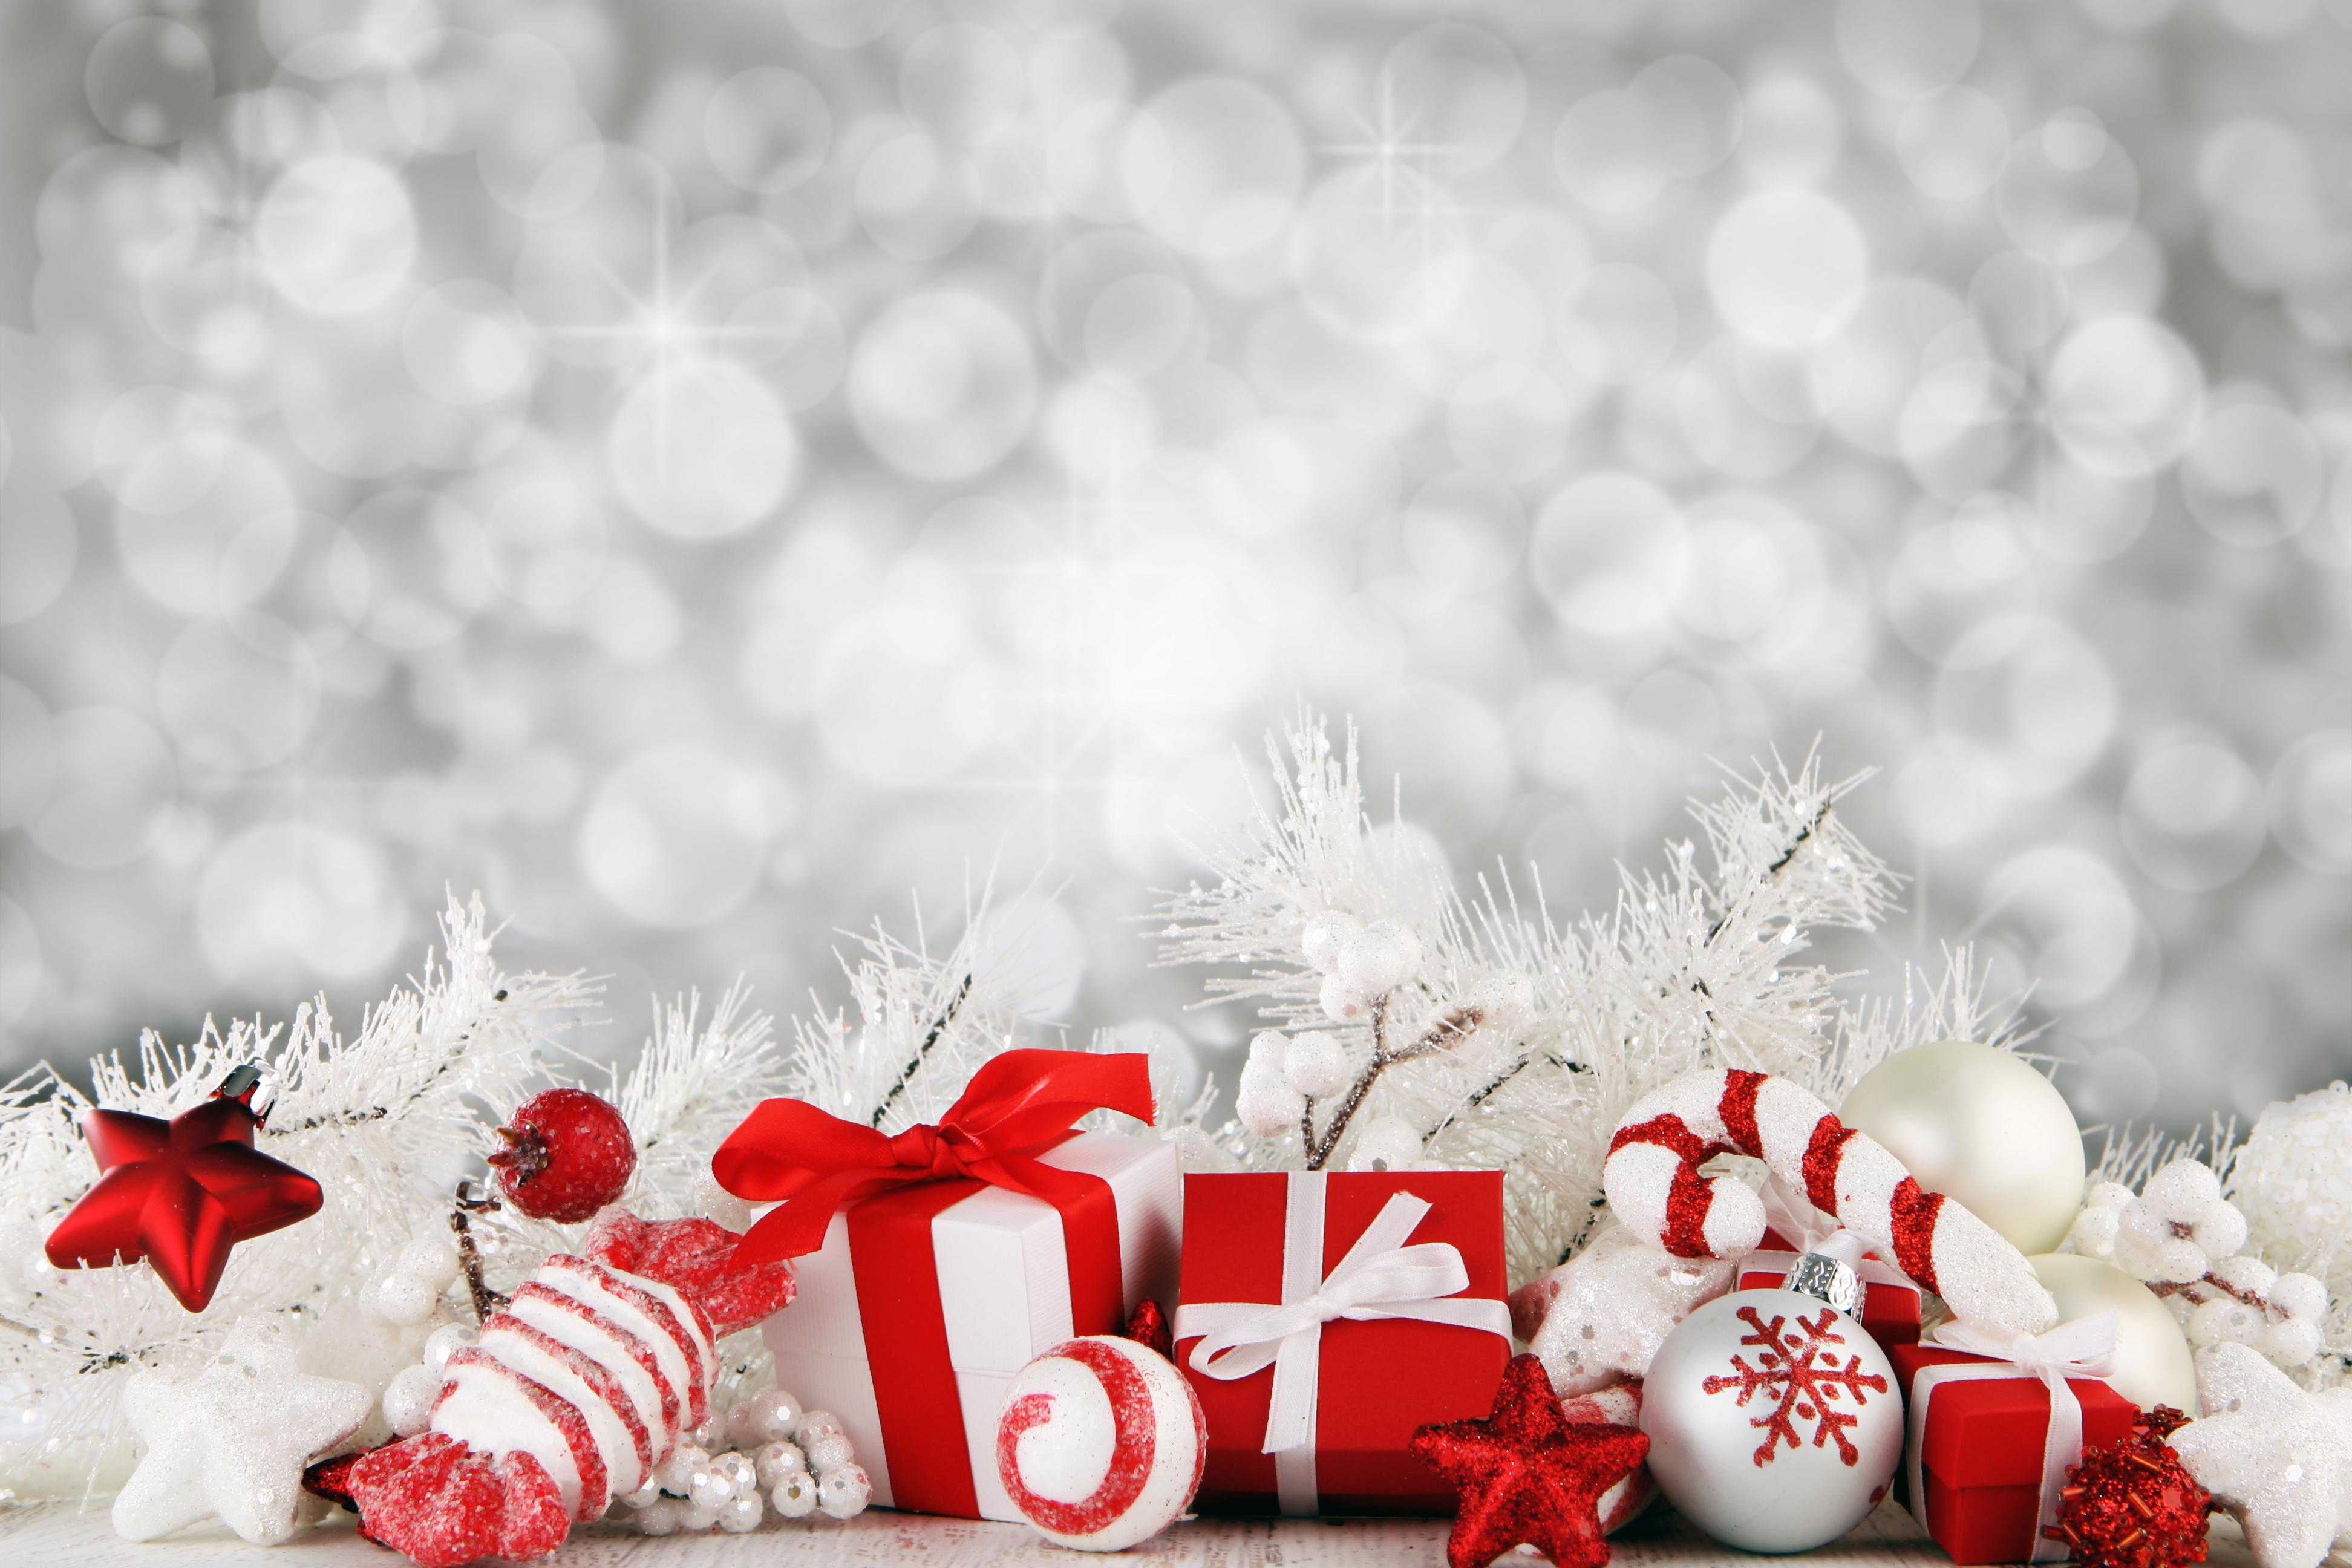 2015 December Calendar Christmas Calendar Template 2016 3888x2592